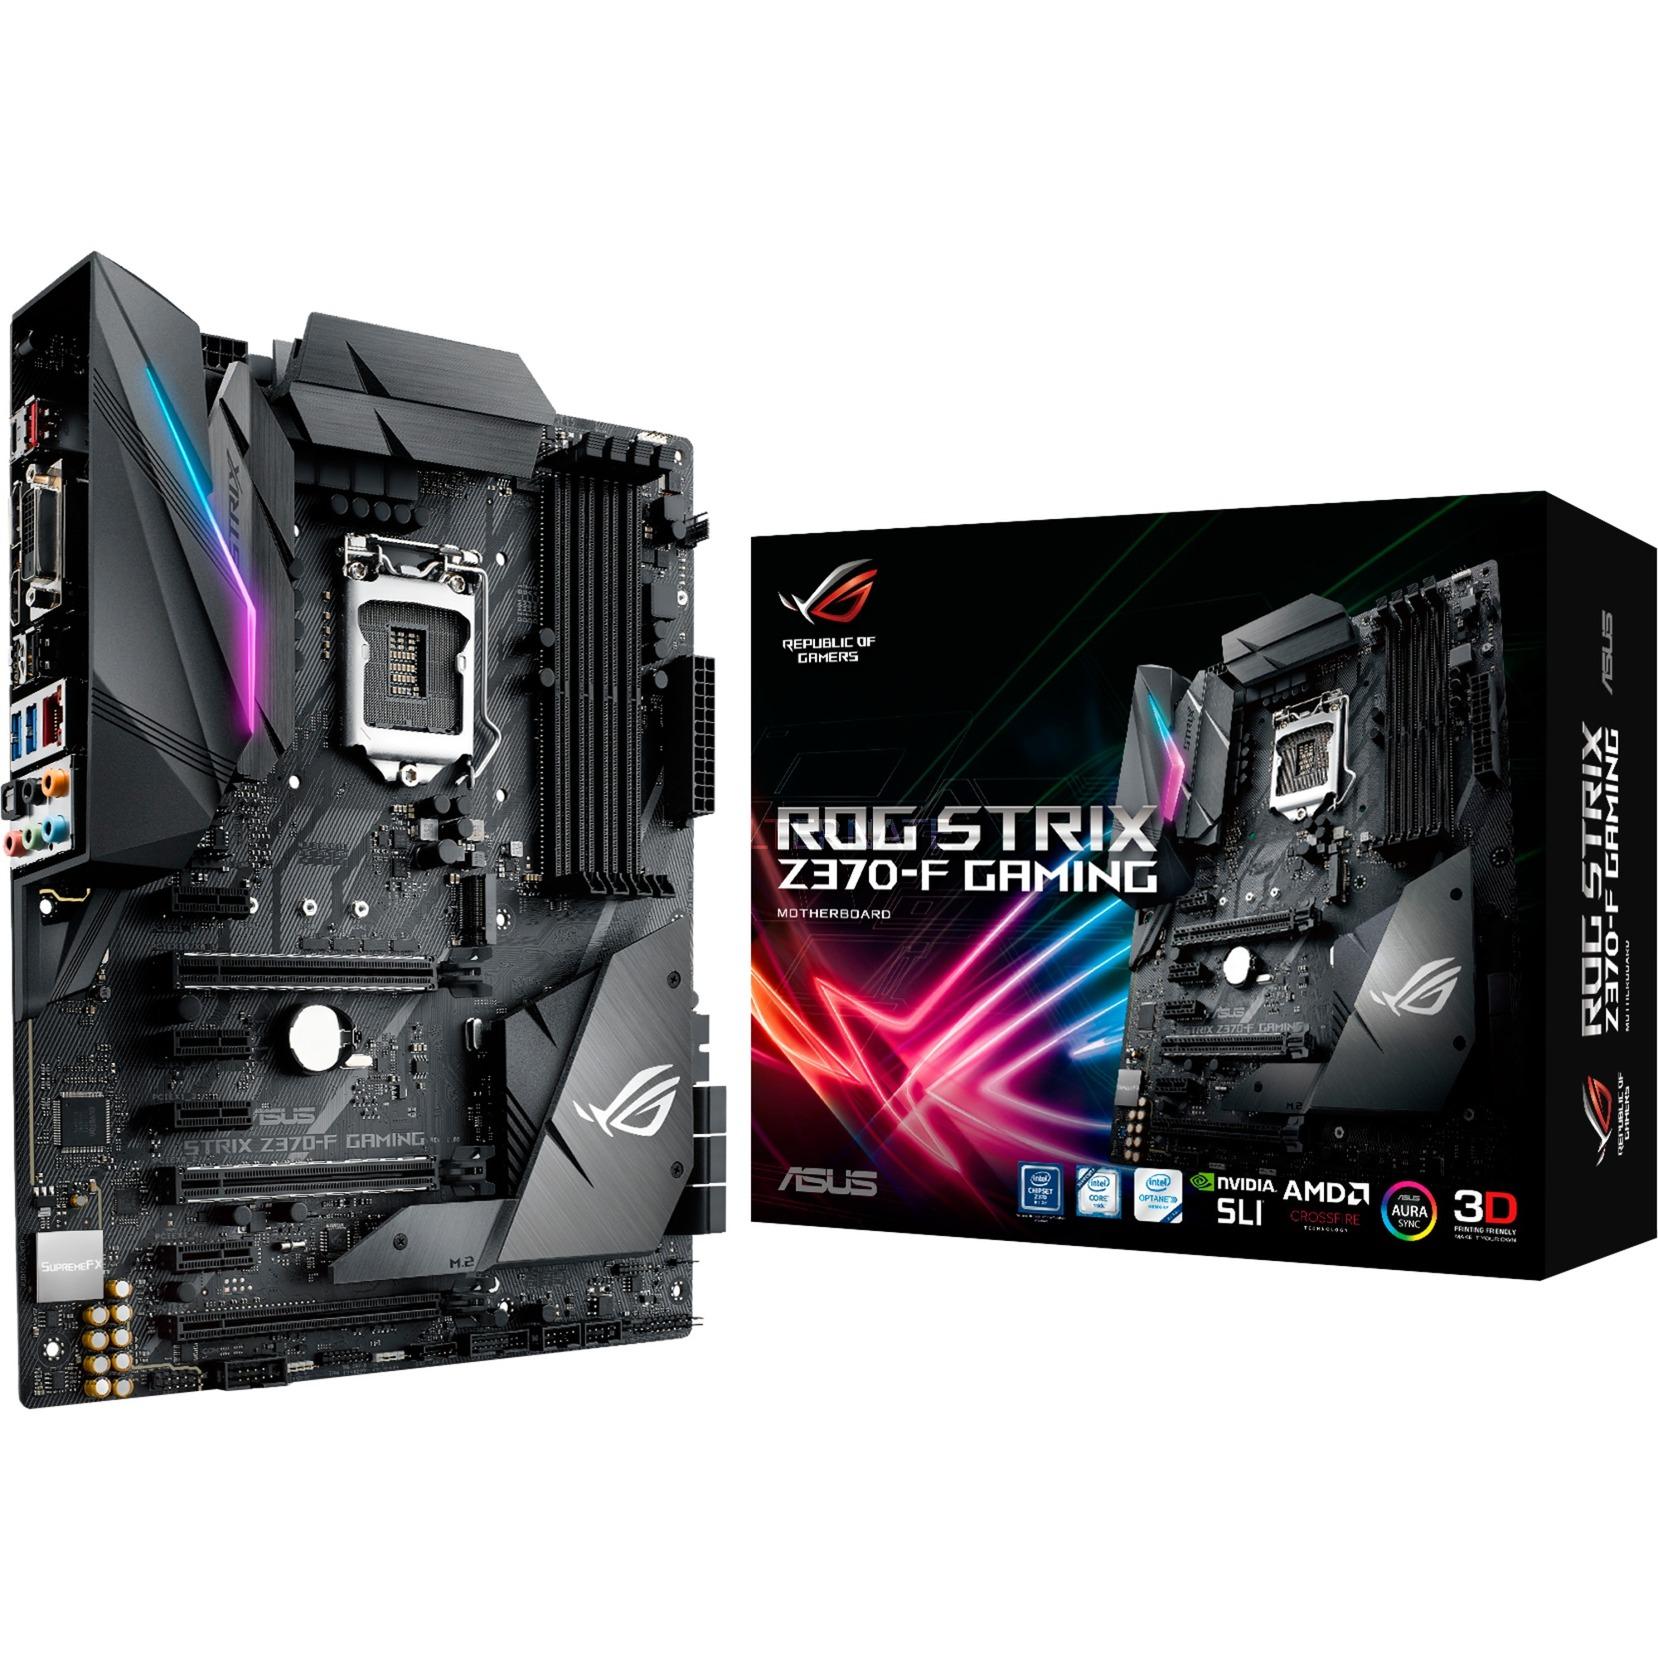 Asus ROG Strix Z370-F Gaming | -8%